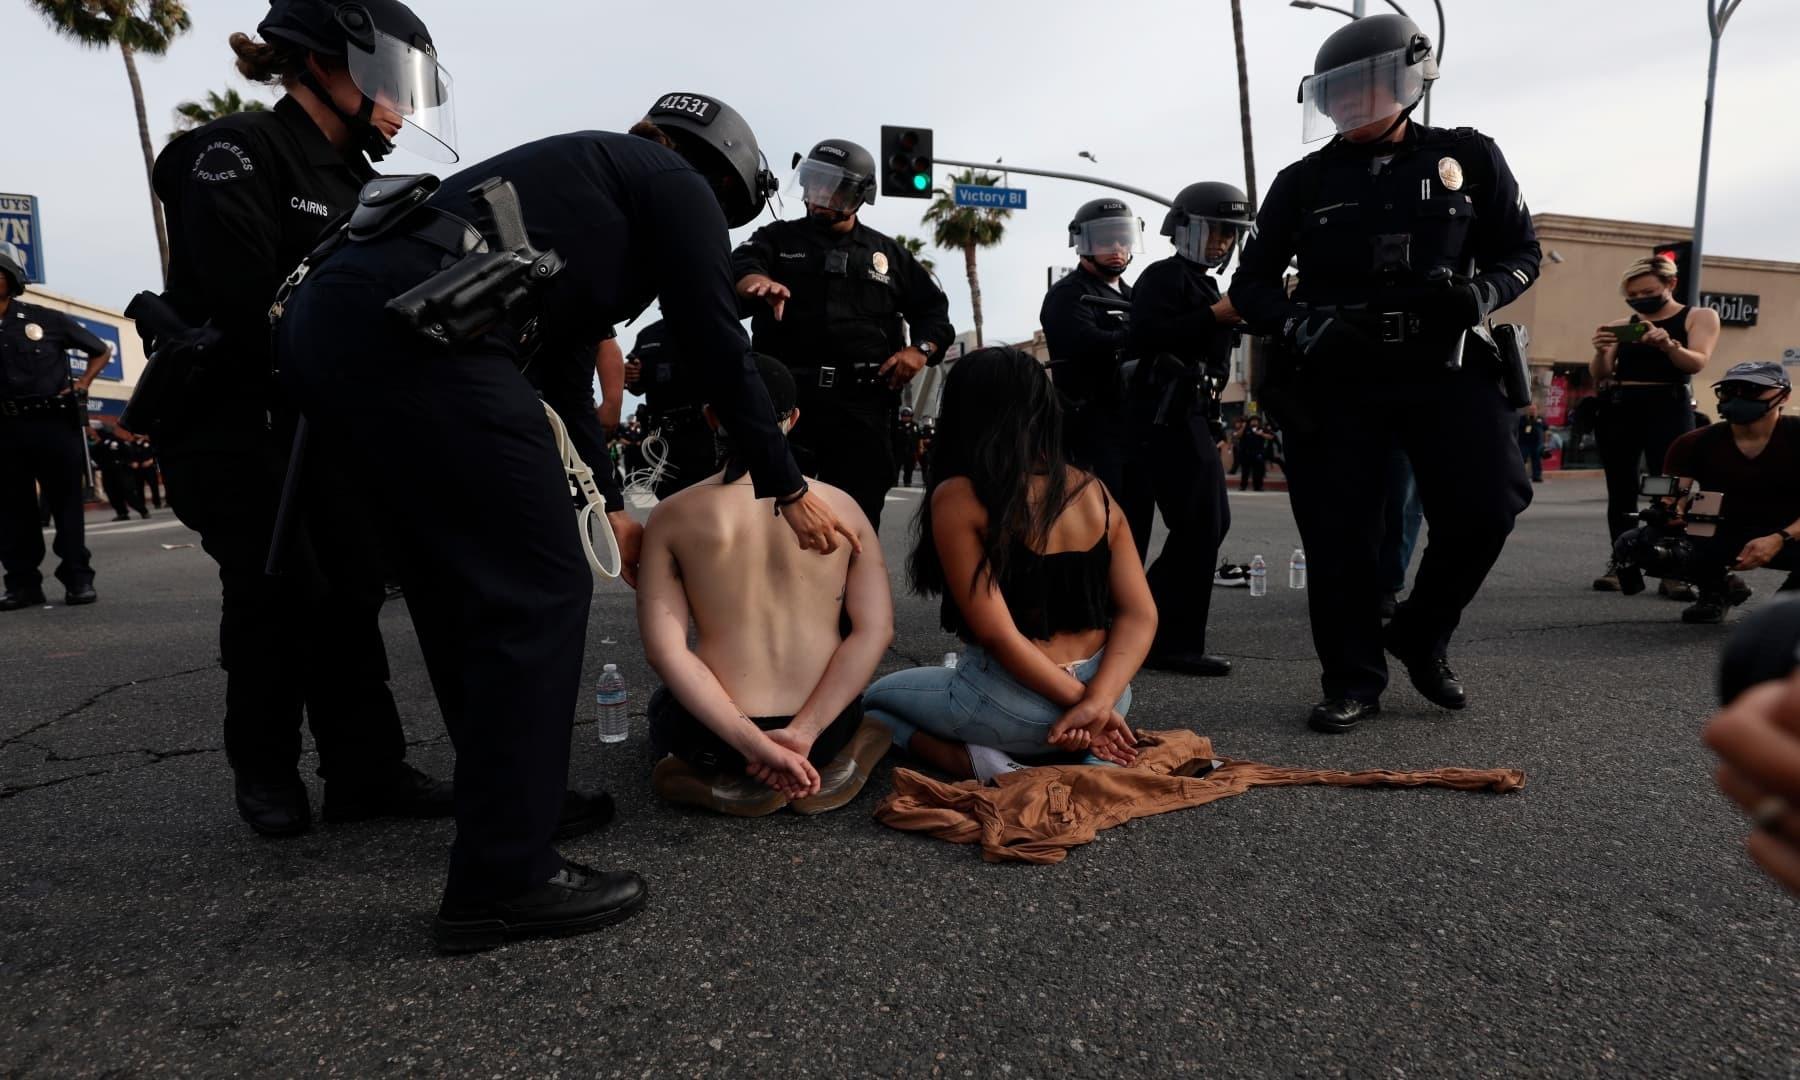 لاس اینجلس میں احتجاج میں شریک افراد کو گرفتار کیا جا رہا ہے— فوٹو: اے ایف پی